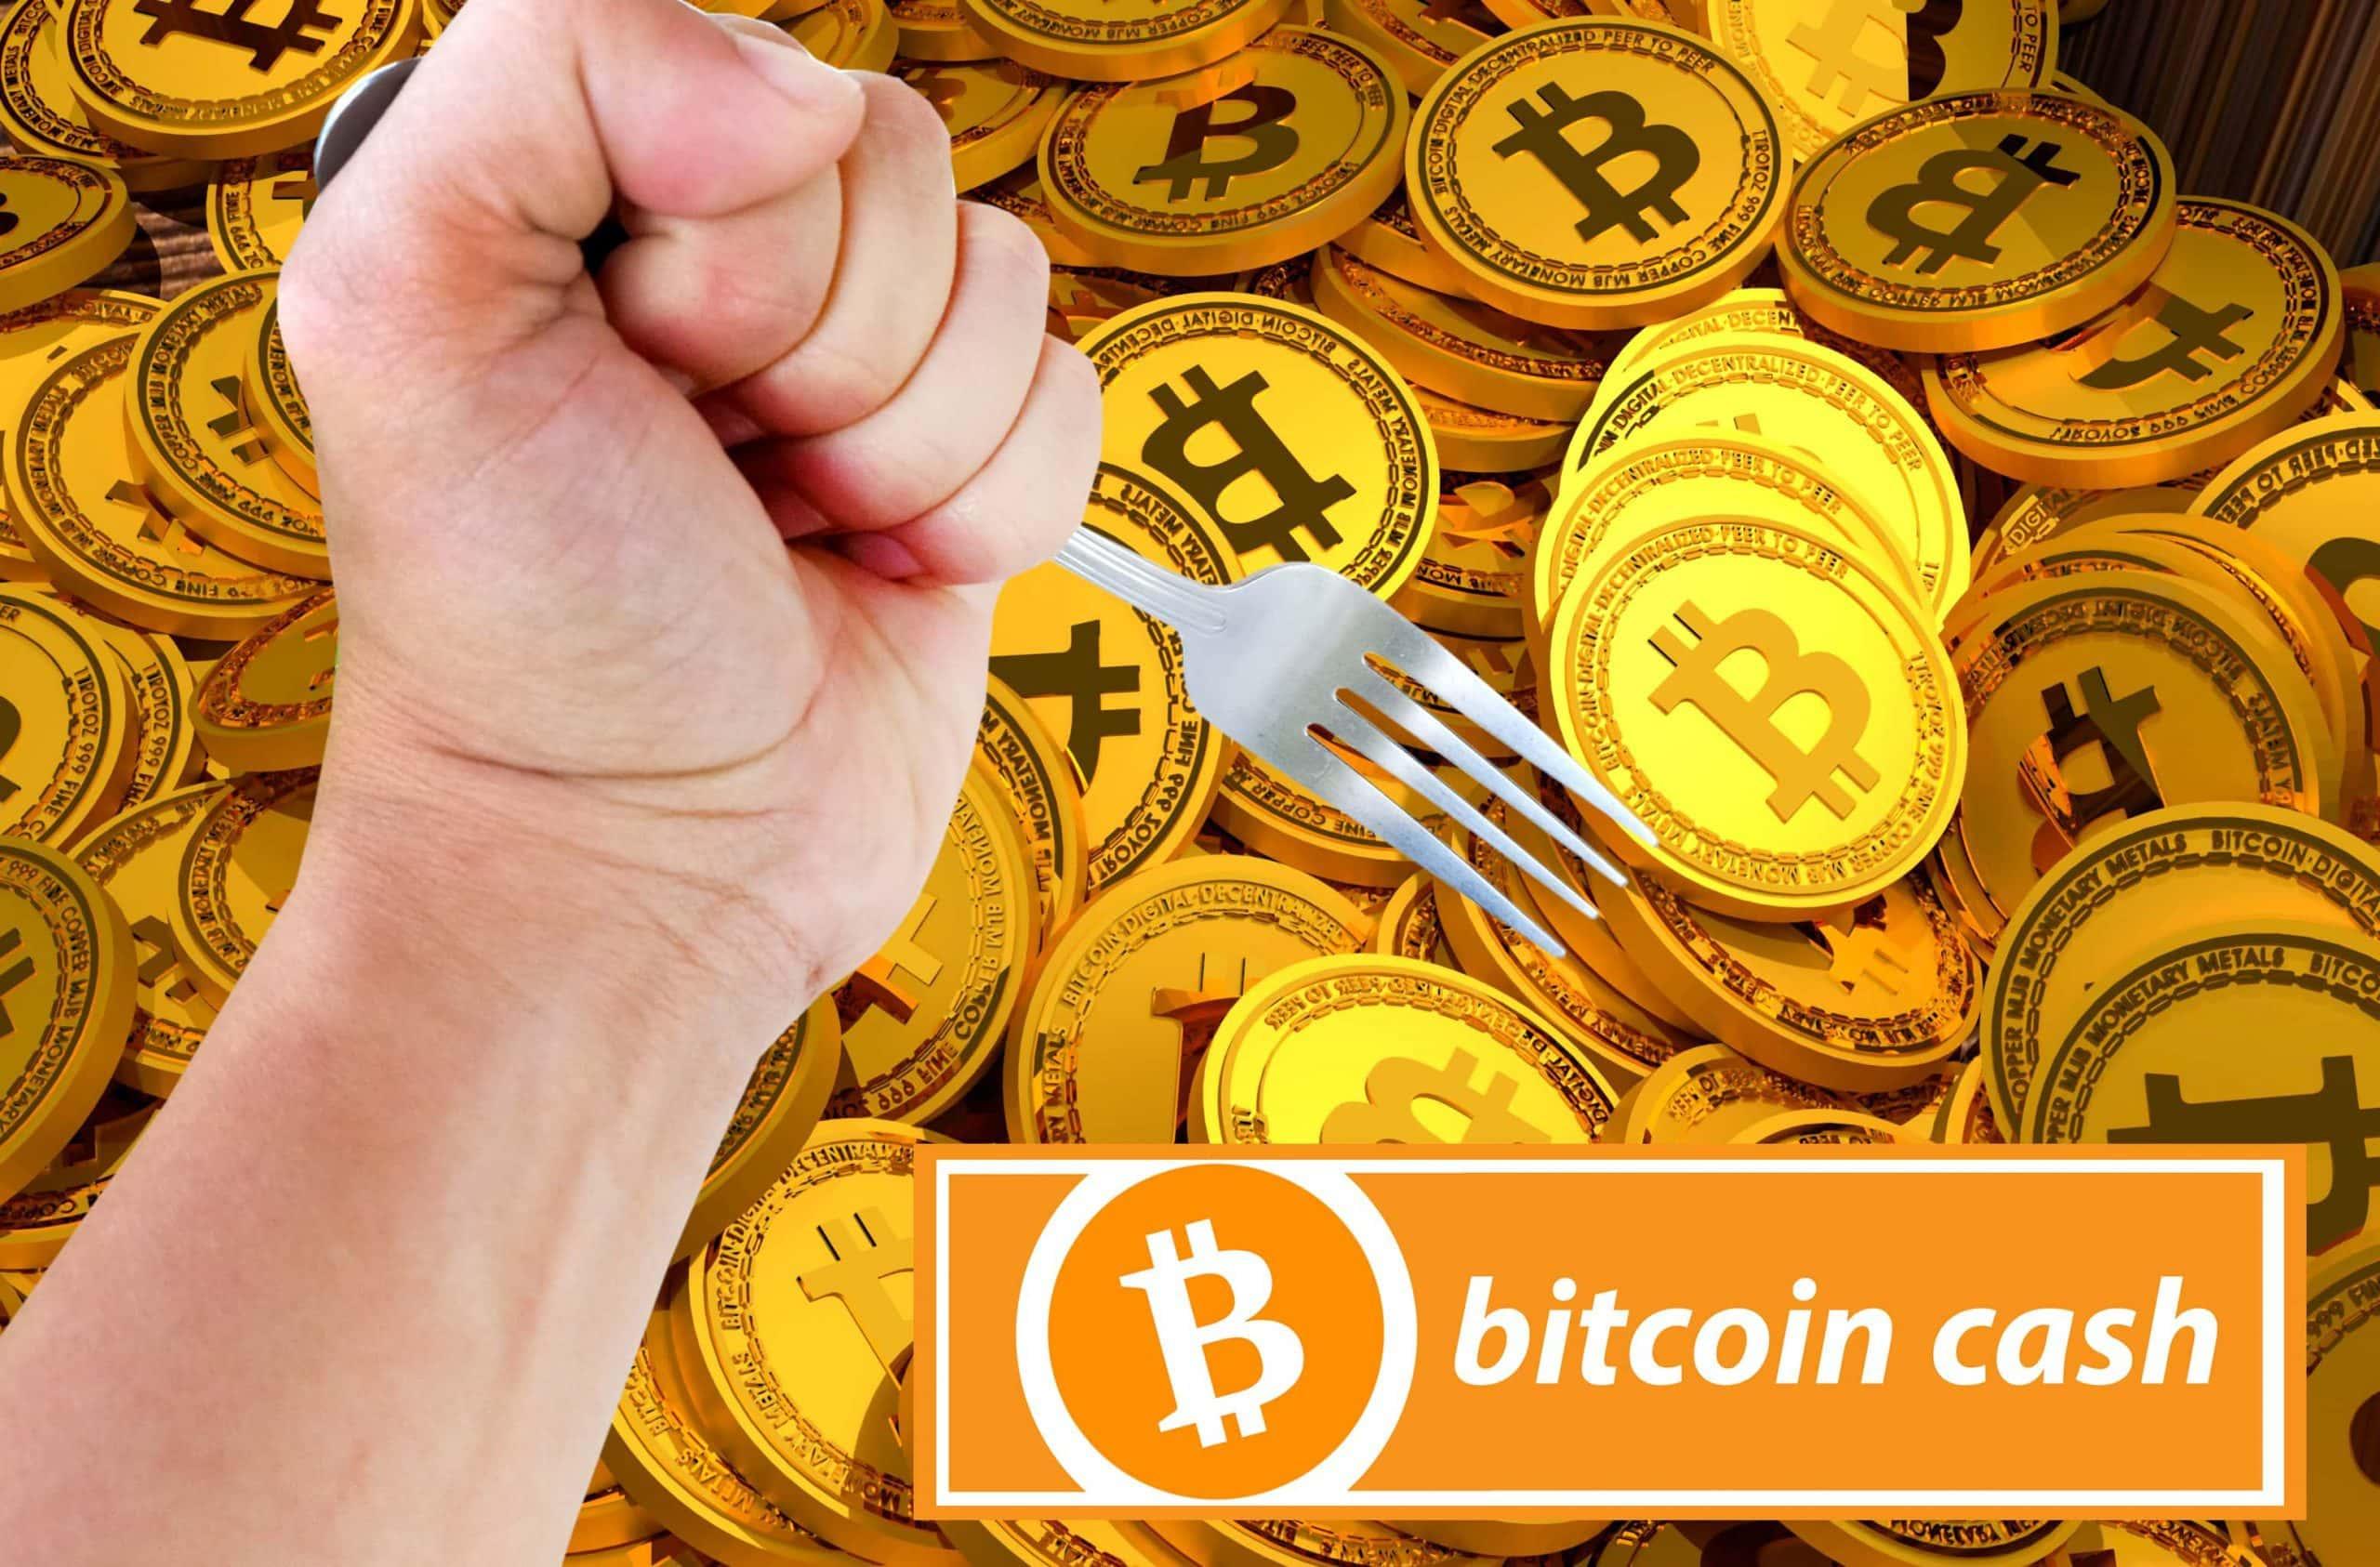 Hand die eine Gabel hält, im Hintergrund Bitcoin-Münzen, darunter der Schriftzug Bitcoin Cash